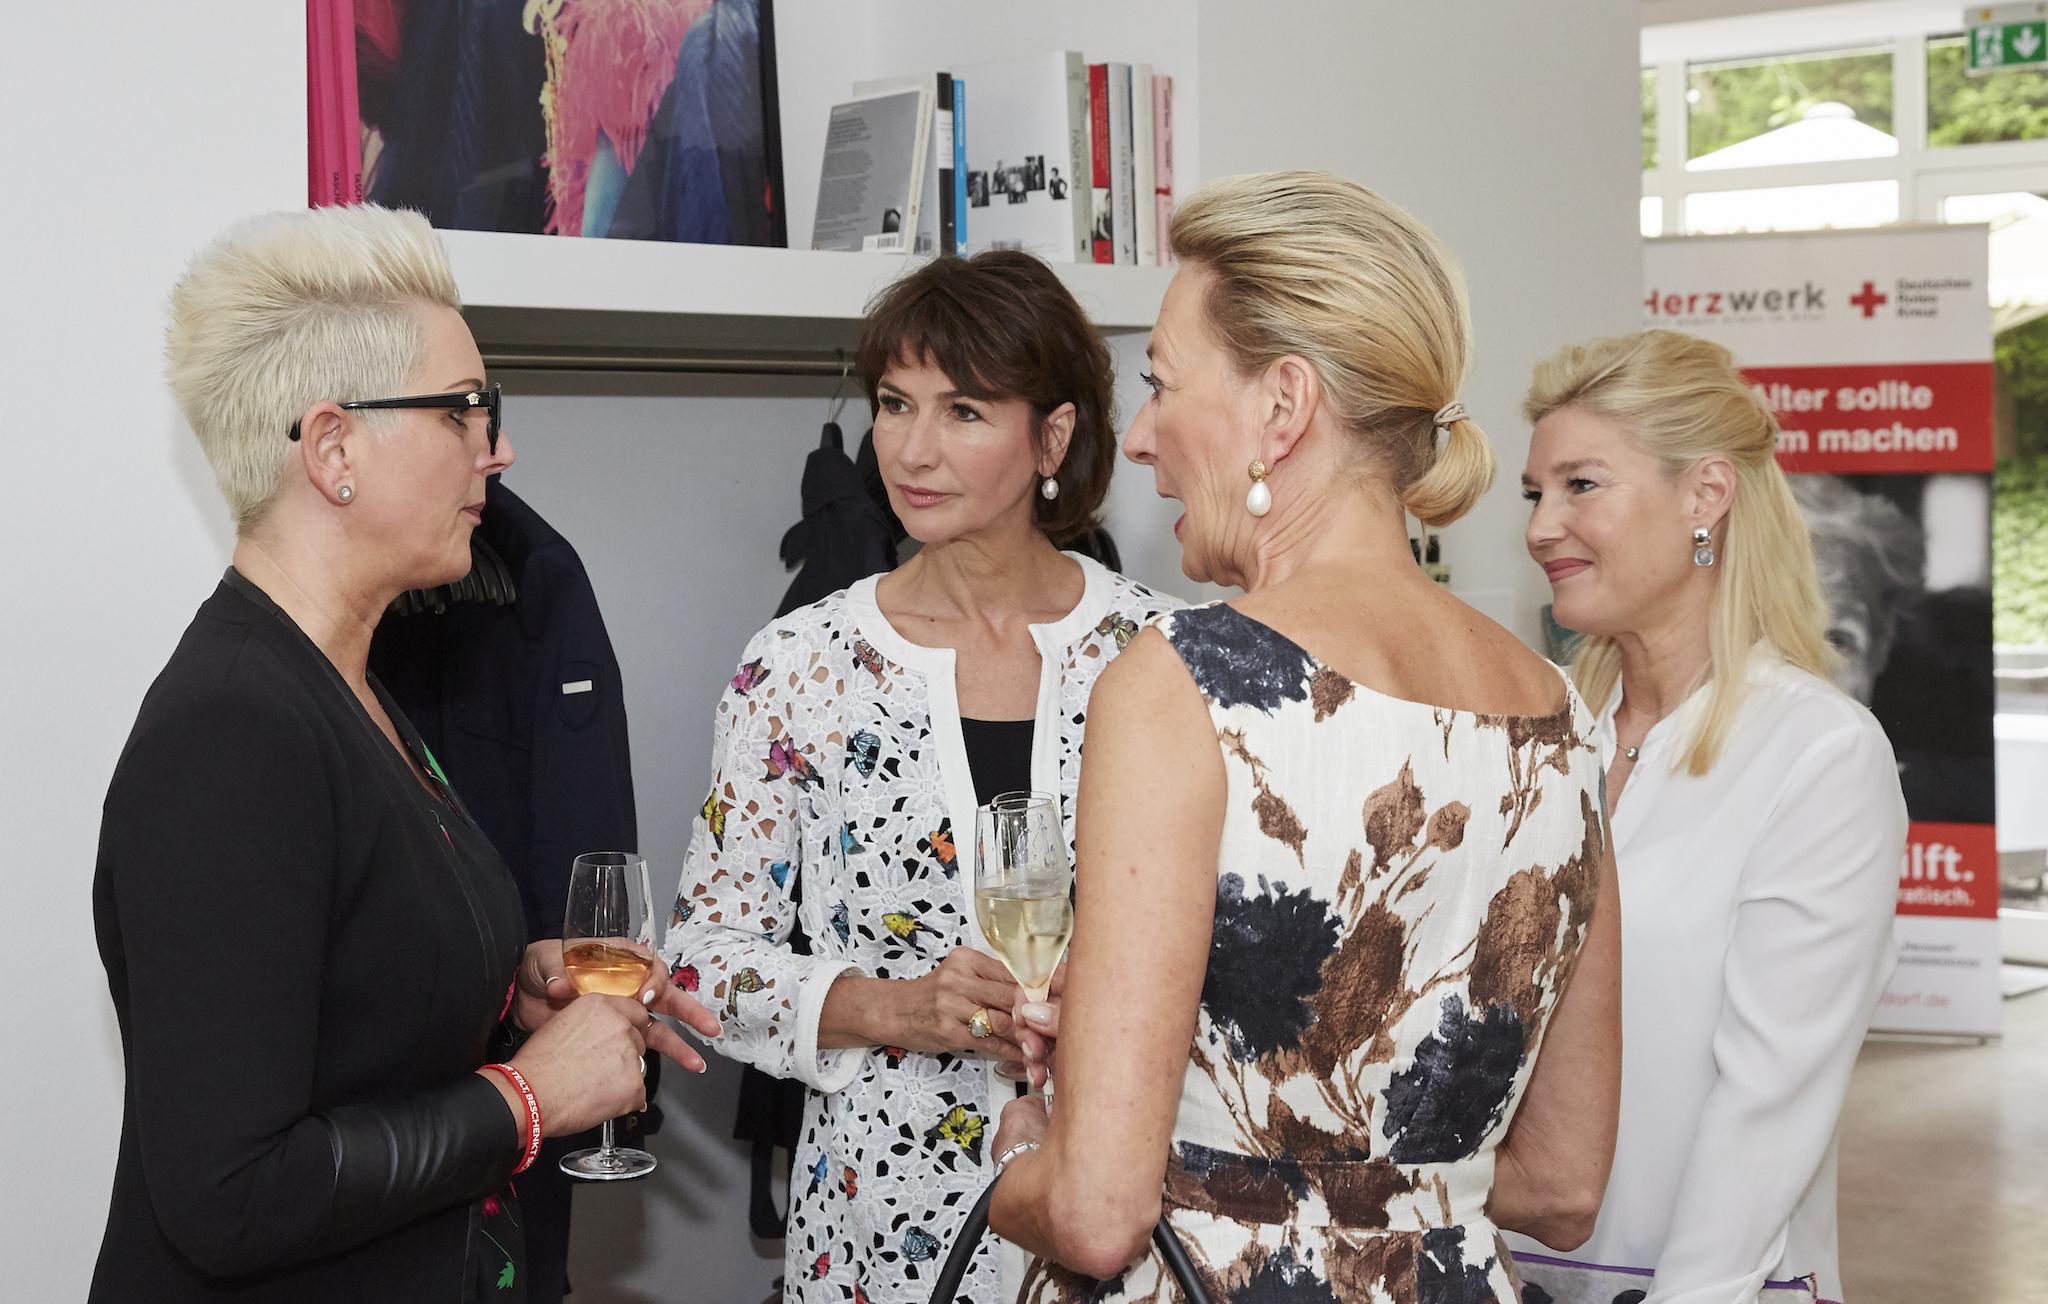 Herzwerk Ladies Lunch, Jasmin Schürgens, Dorothee Achenbach, Susanne Eickhoff, Petra Dieners, Indigo Hotel, Lifestyle-Blog, Lieblingsstil.com,